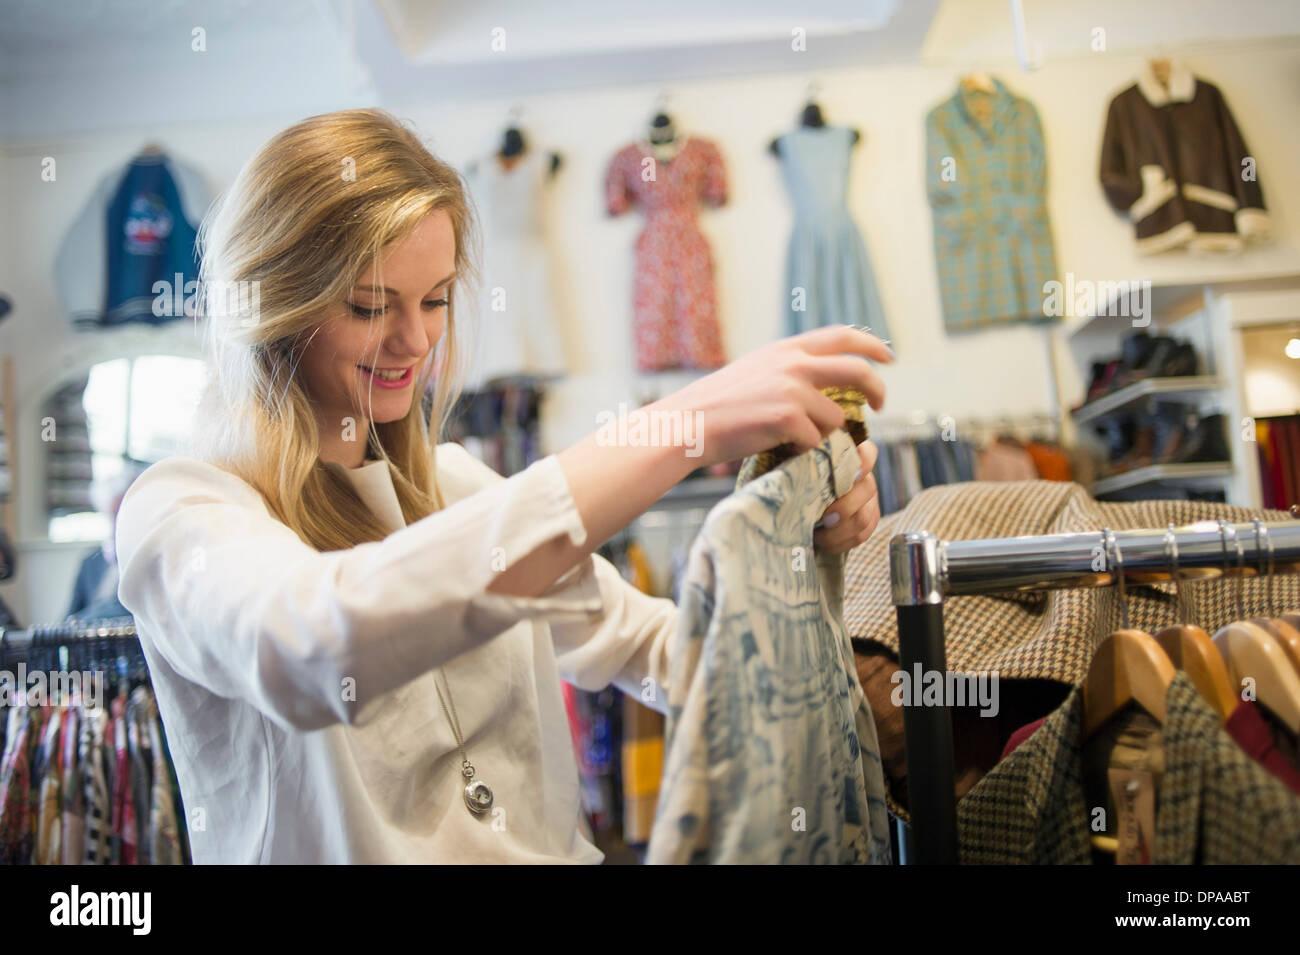 Donna che guarda in alto a capo di abbigliamento Immagini Stock